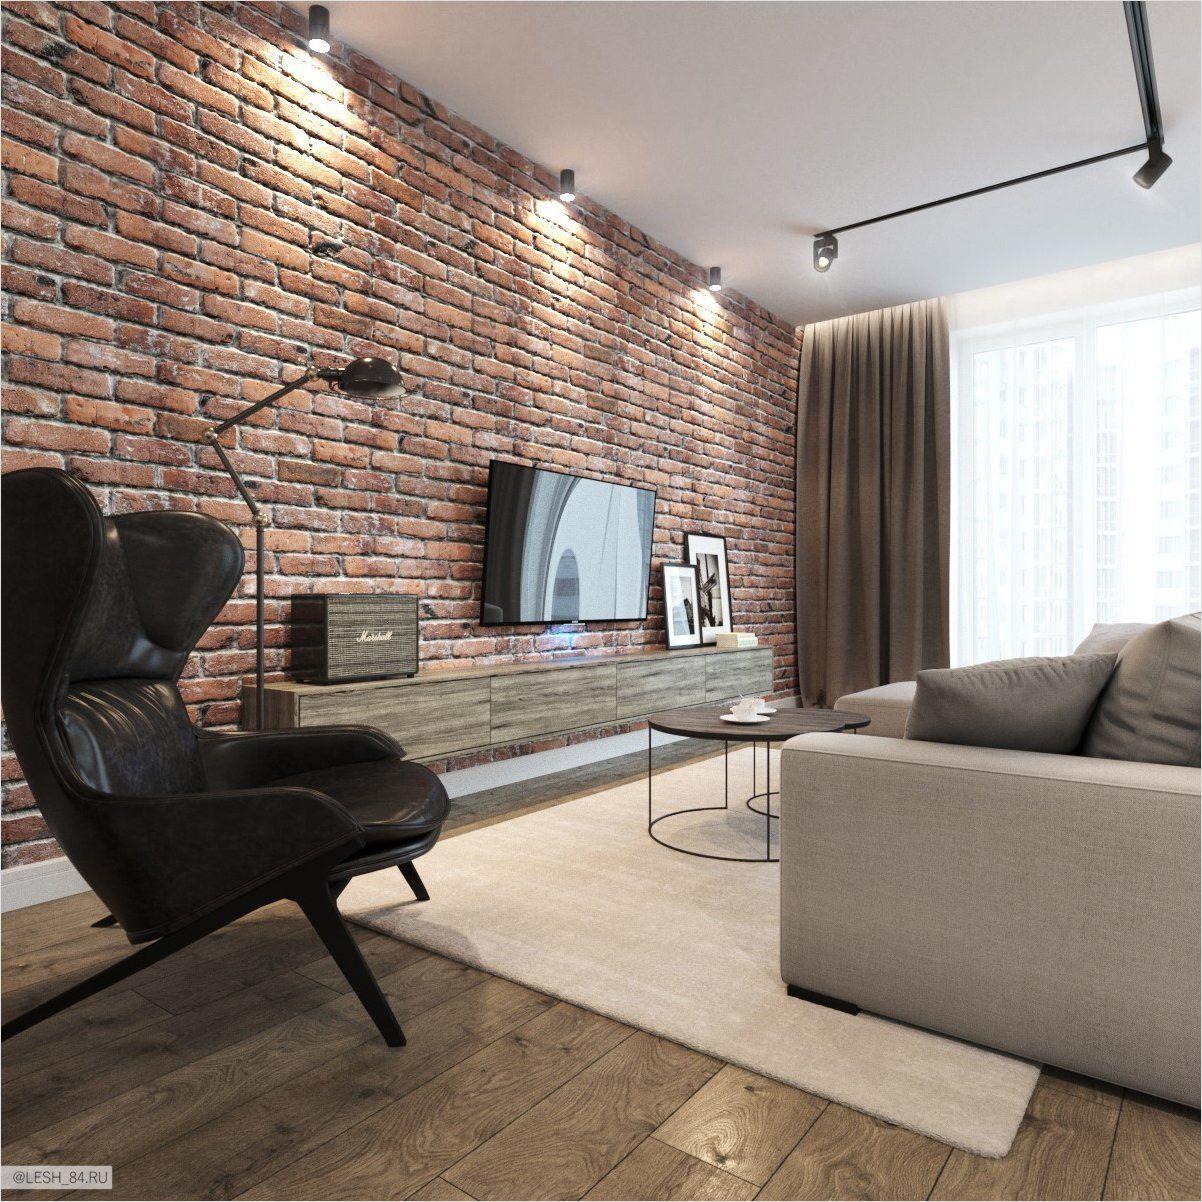 Lesh also best house design images in rh pinterest